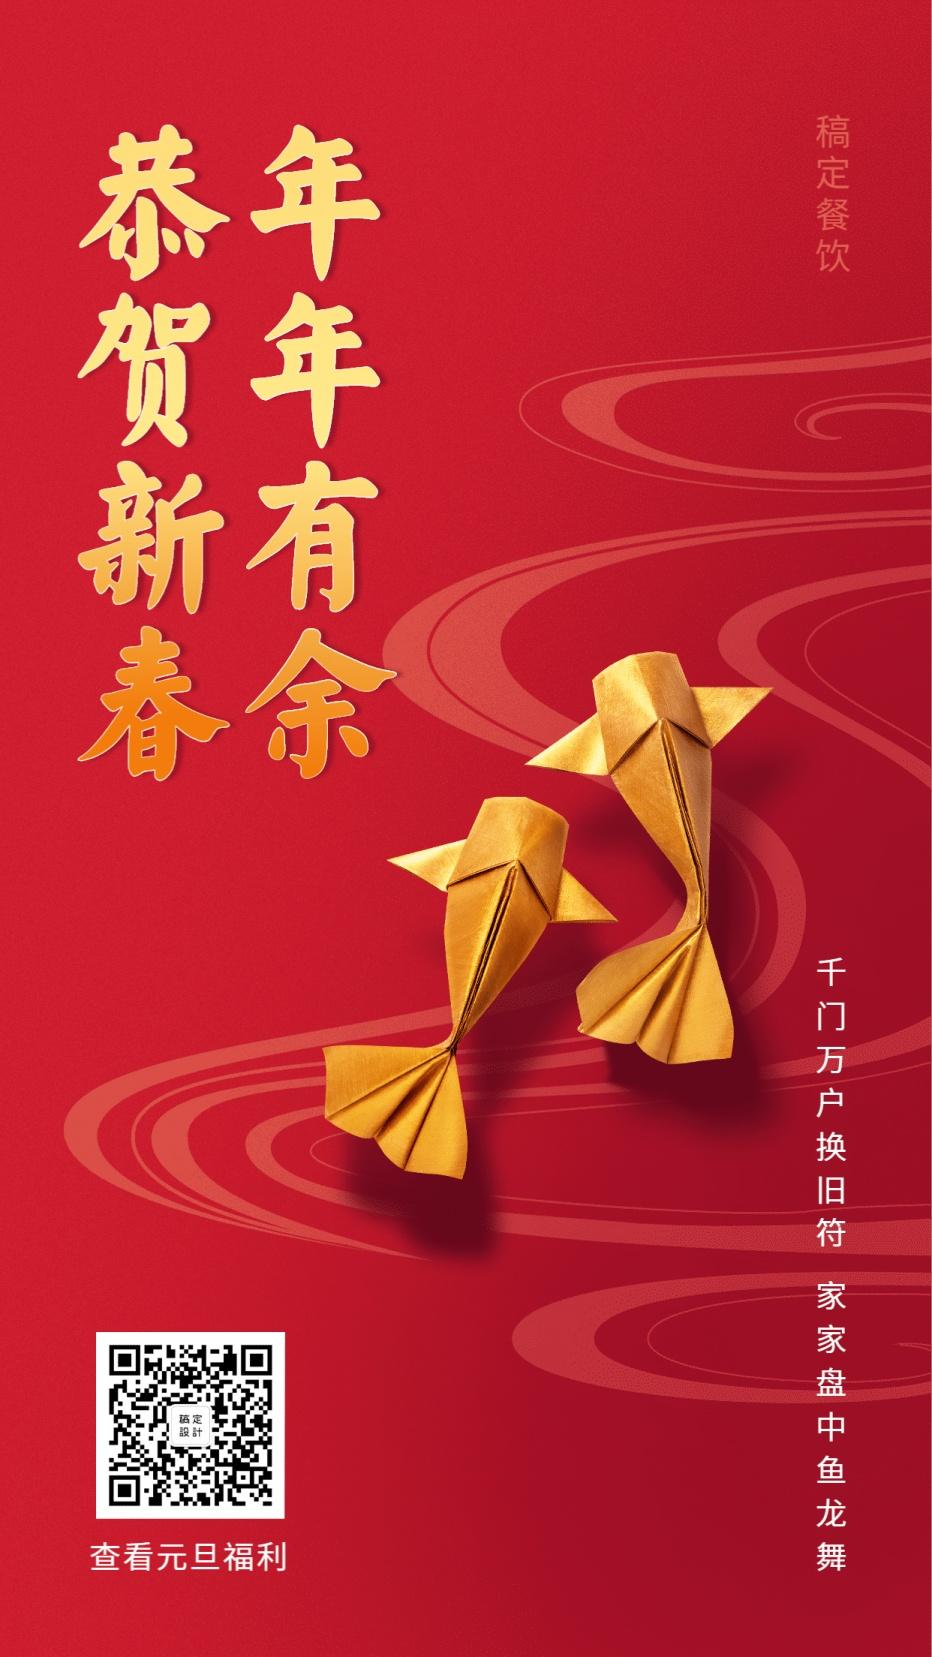 新春祝福/餐饮美食/春节中国风/手机海报